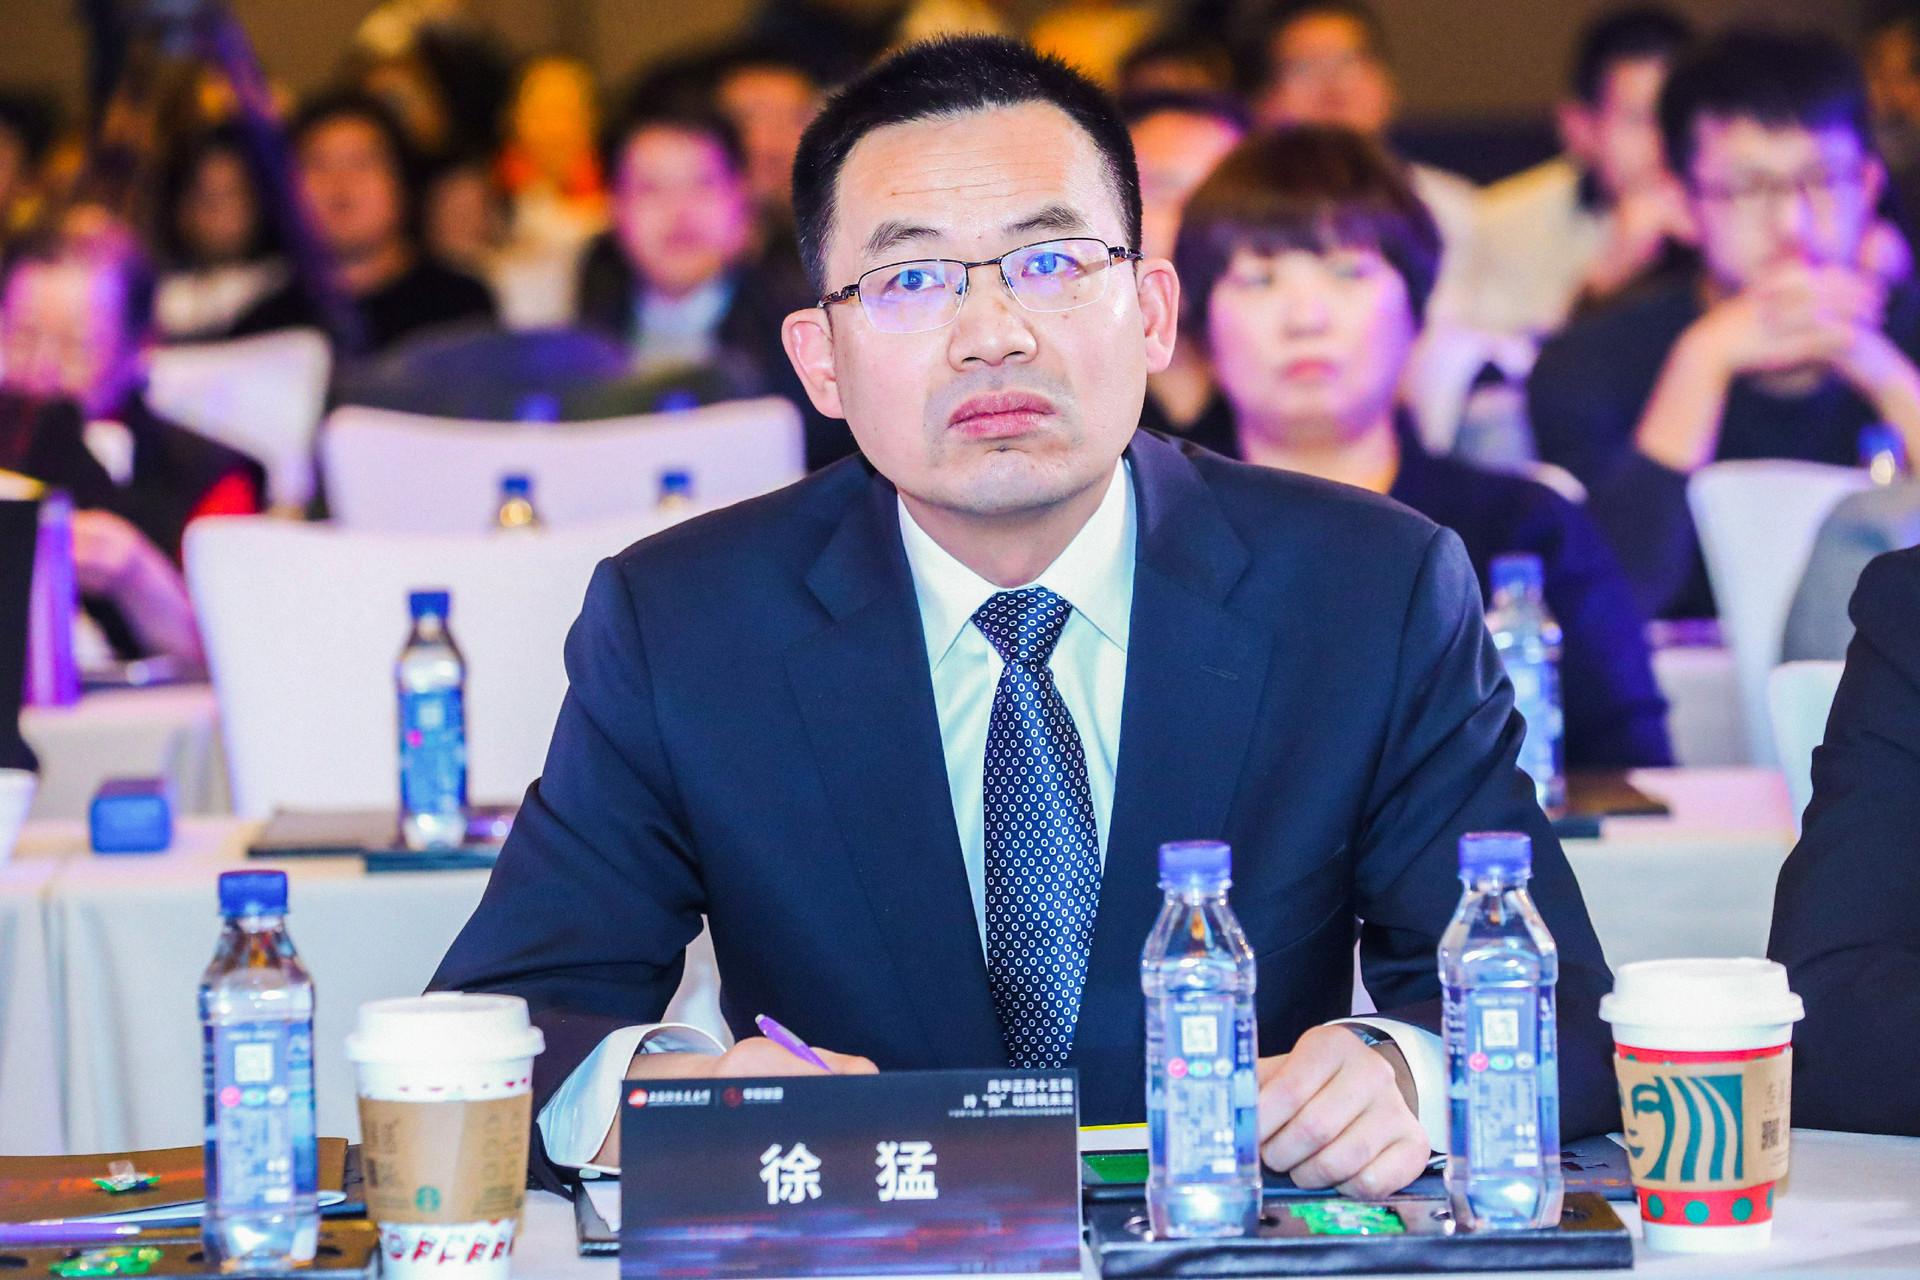 华夏基金数量投资部总监、华夏恒生ETF、华夏中小板ETF等基金经理徐猛